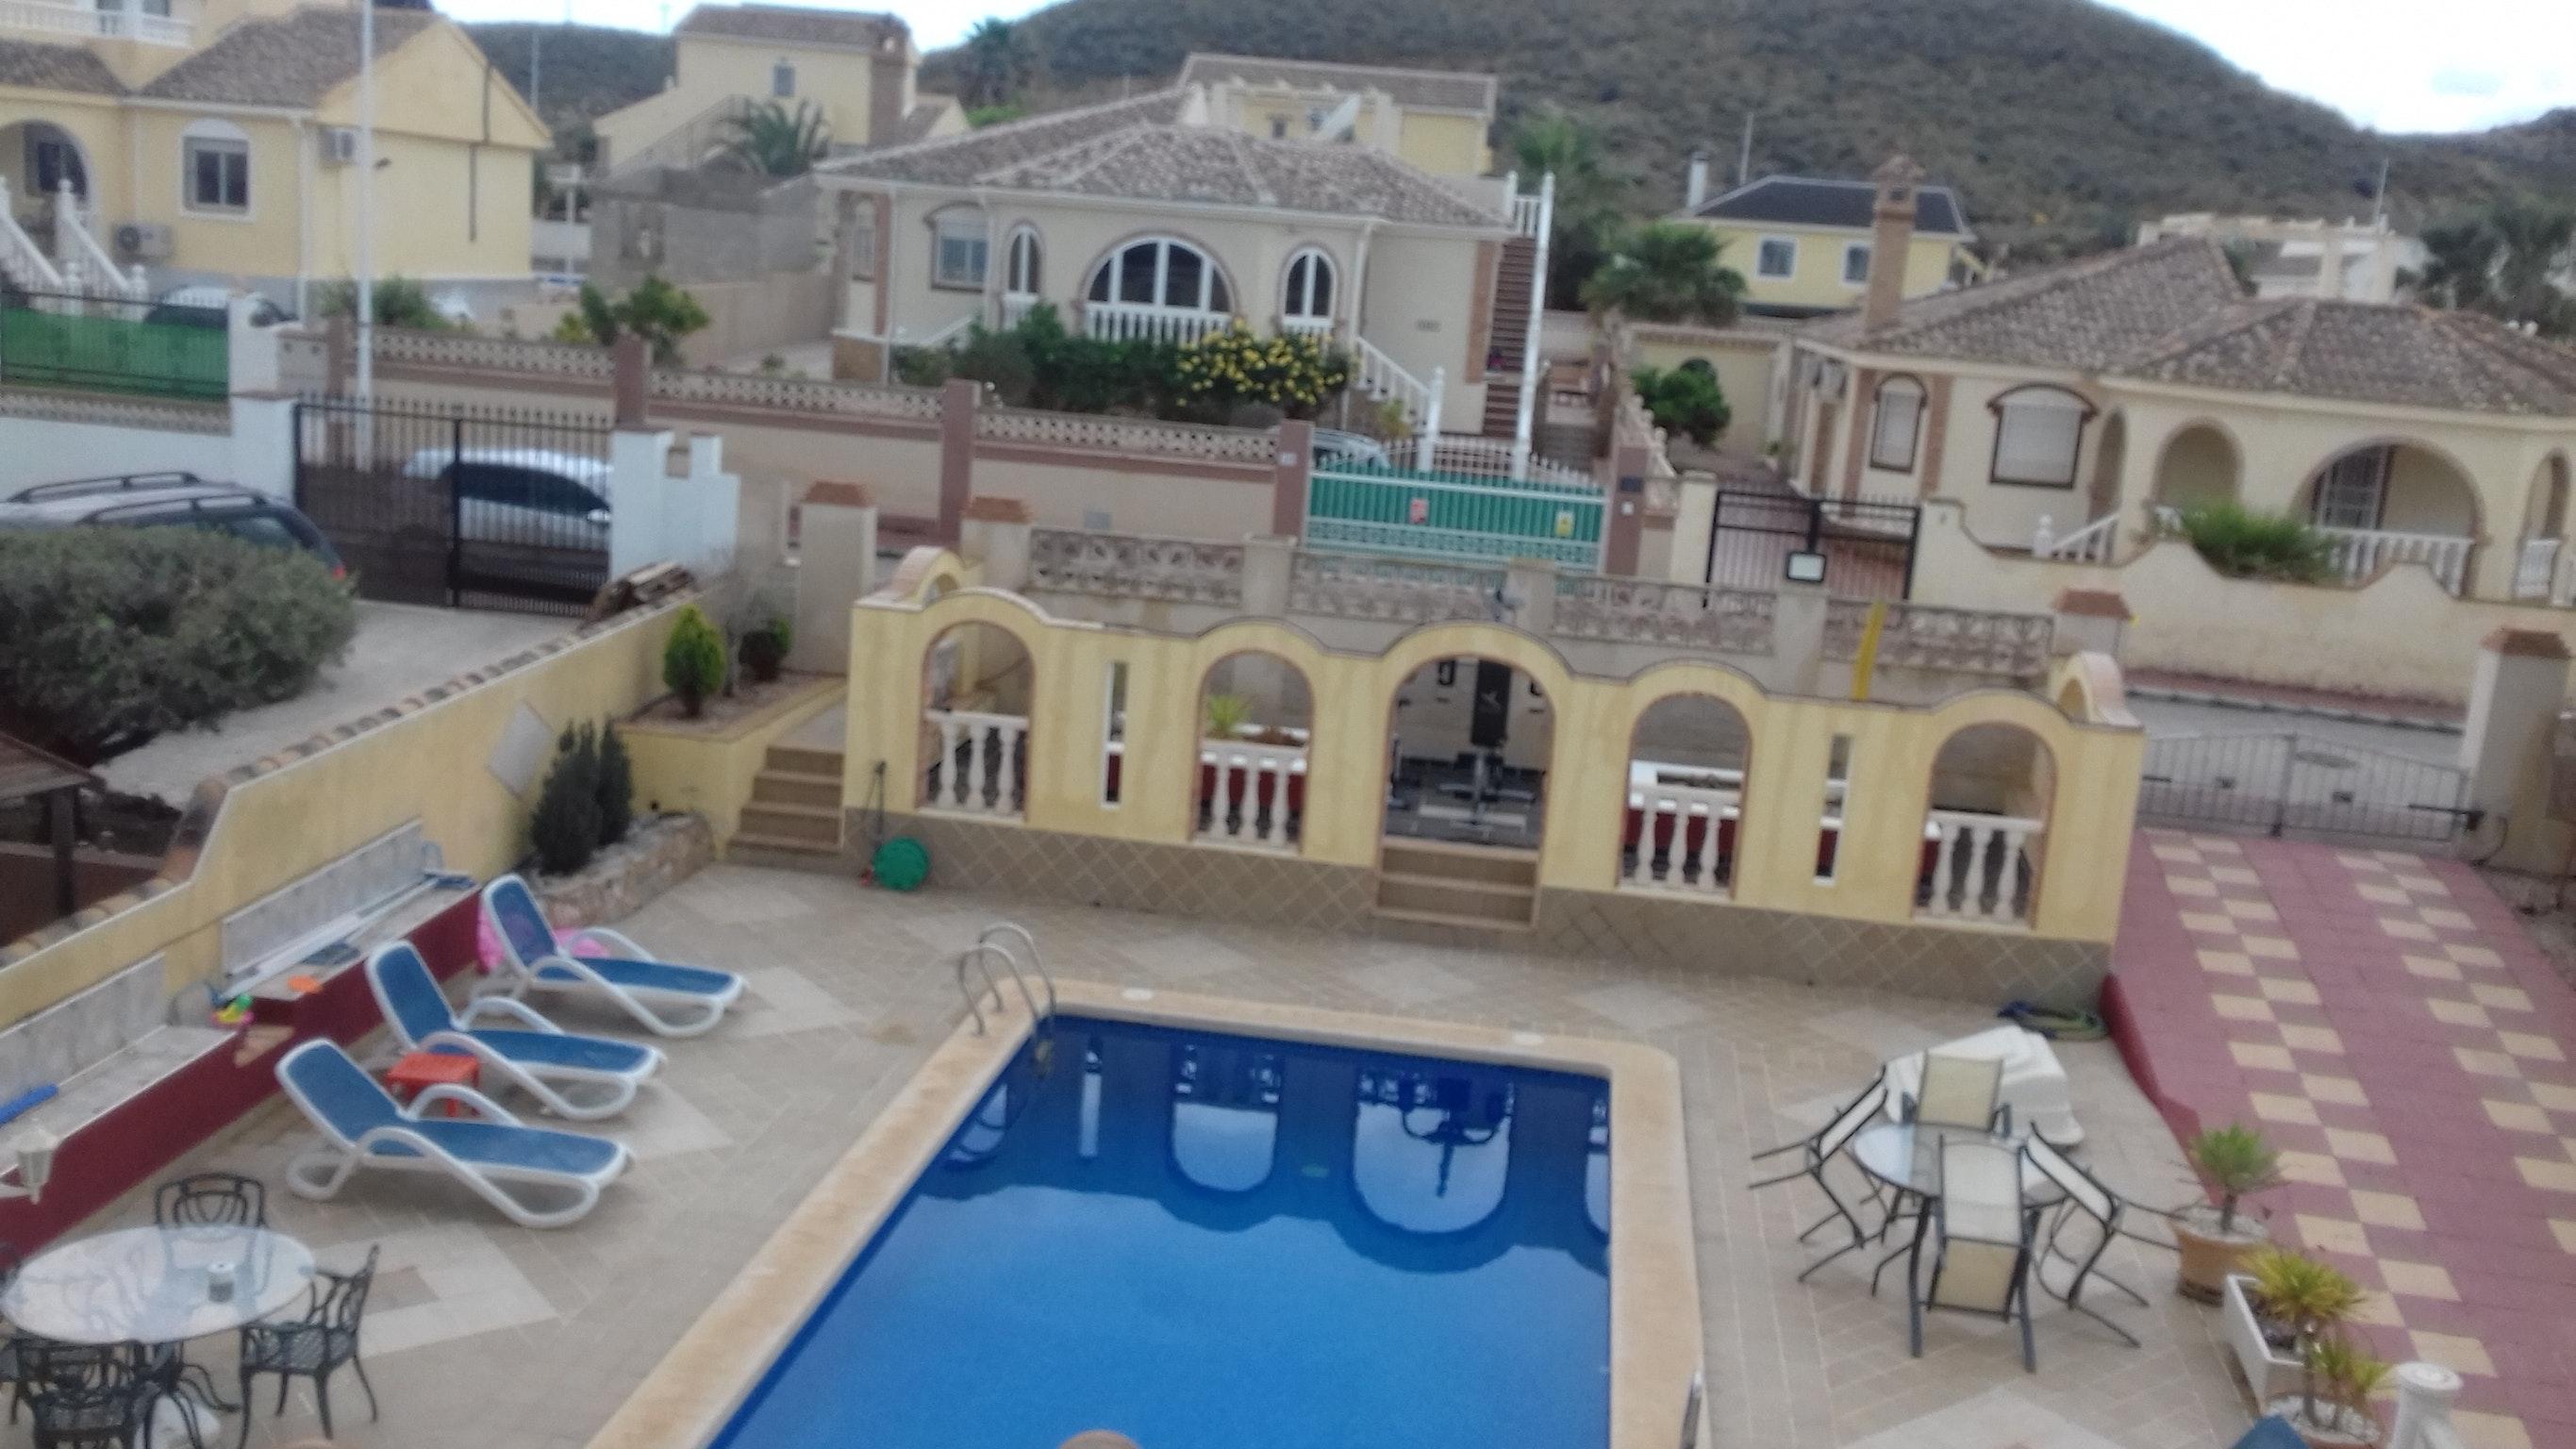 Maison de vacances Villa mit 2 Schlafzimmern in Mazarrón mit toller Aussicht auf die Berge, privatem Pool, ei (2632538), Mazarron, Costa Calida, Murcie, Espagne, image 21